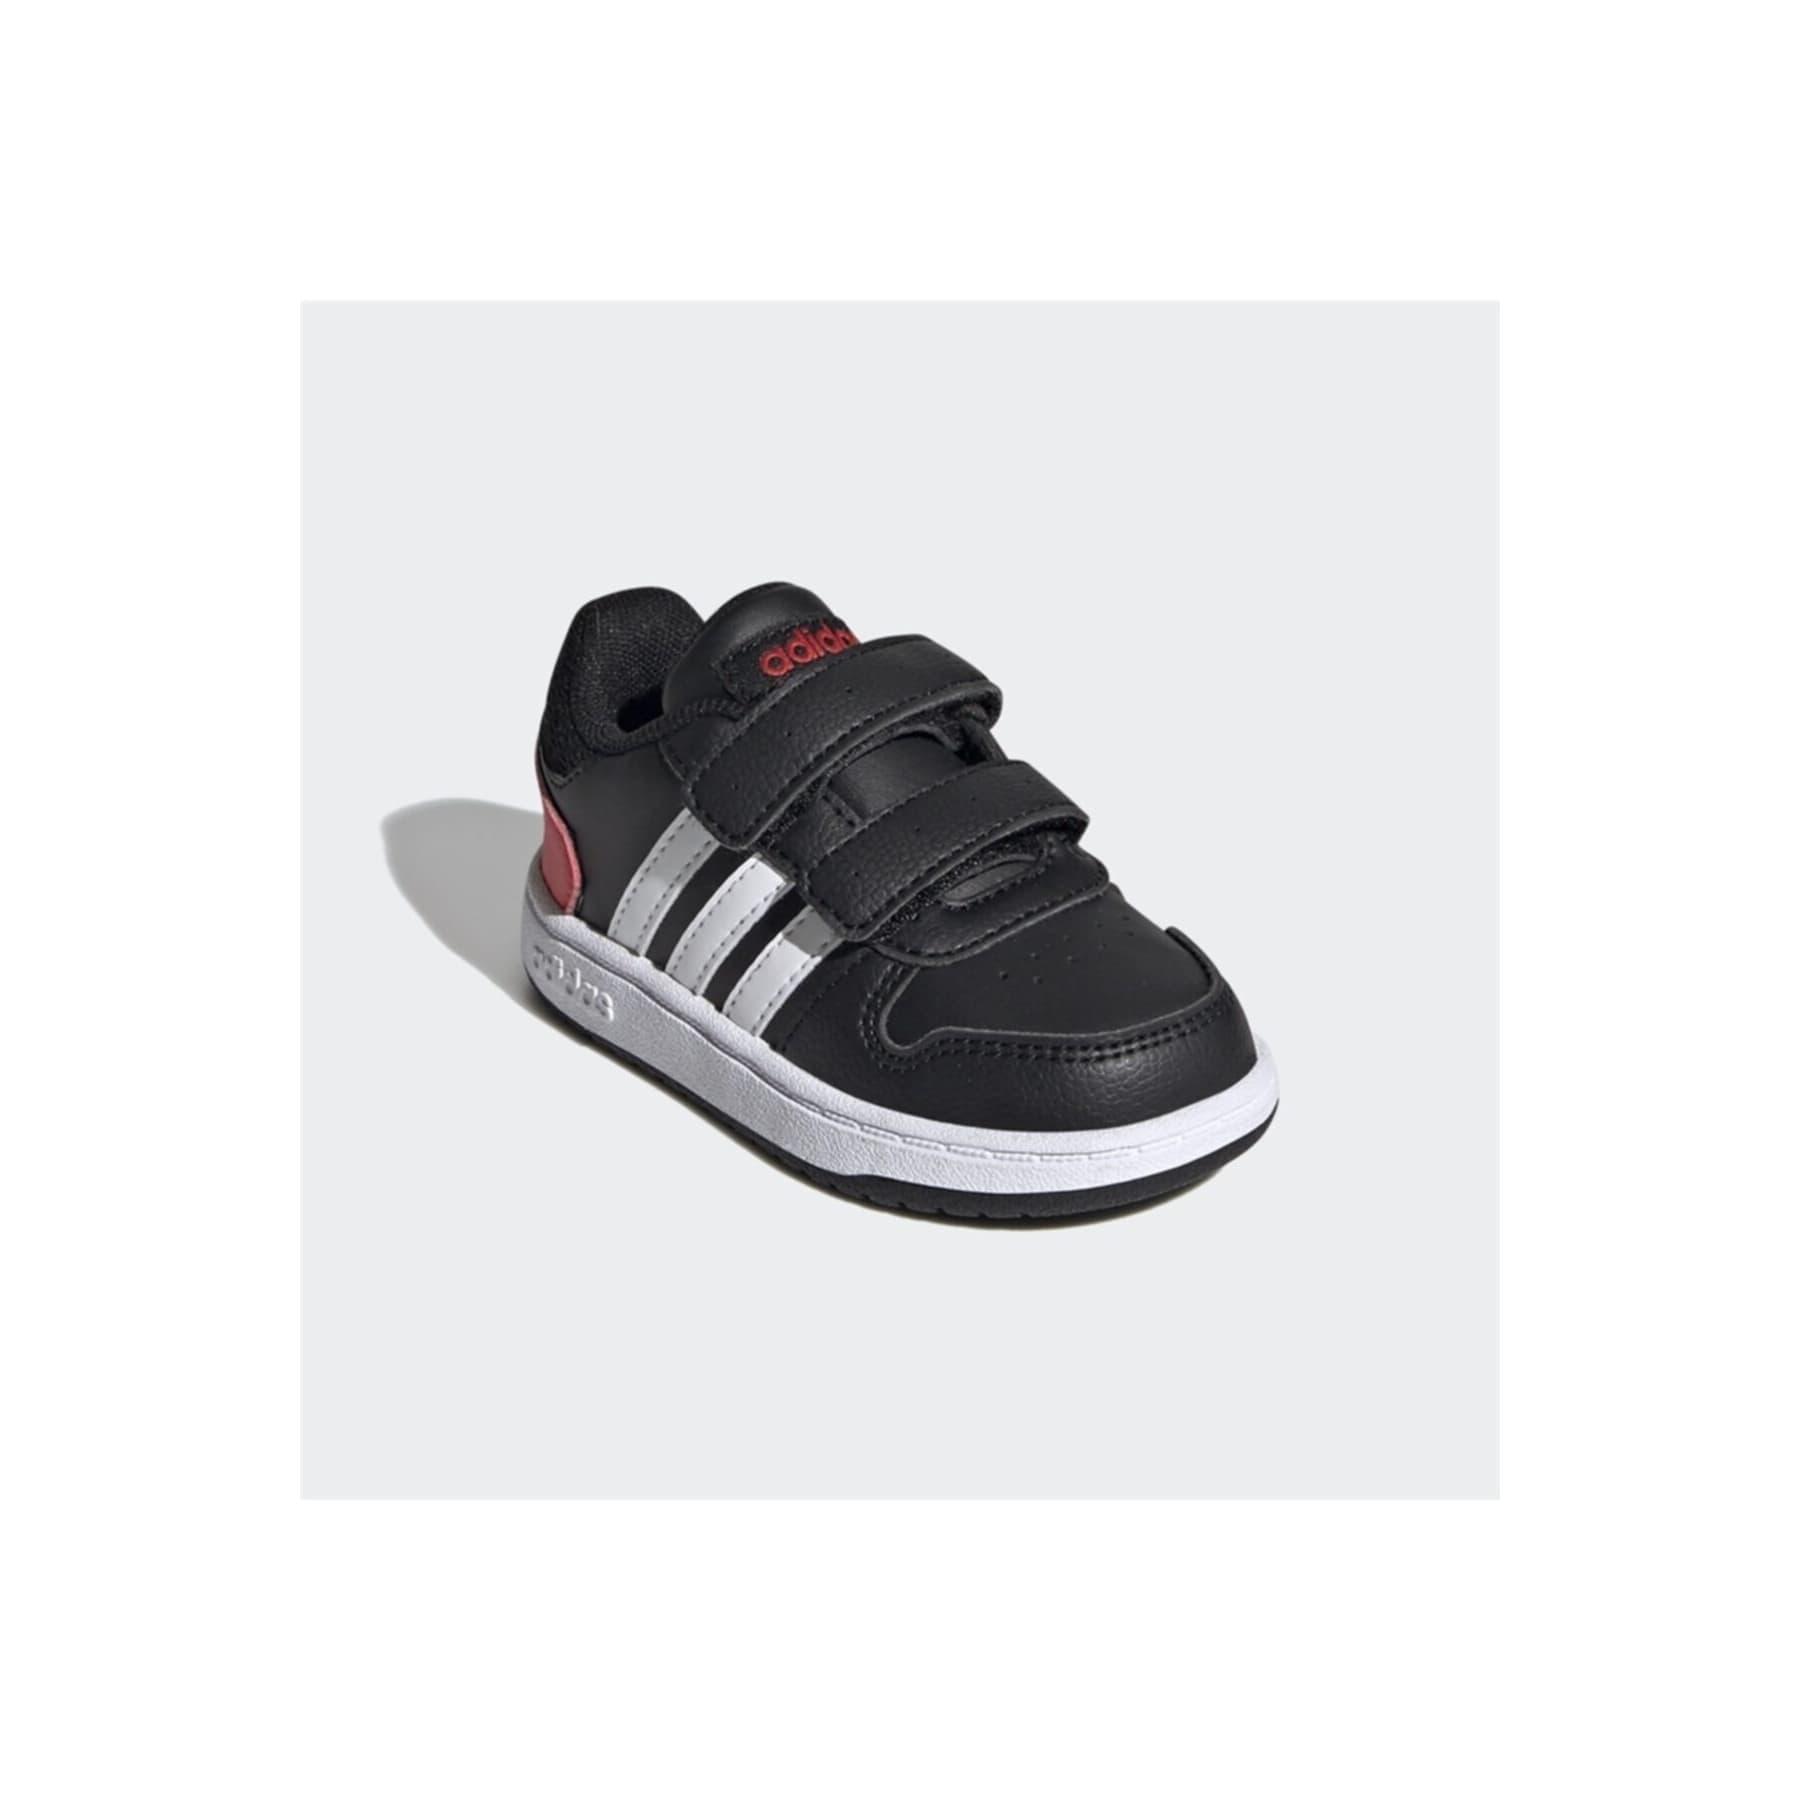 Hoops 2.0 Çocuk Siyah Spor Ayakkabı (FY9444)